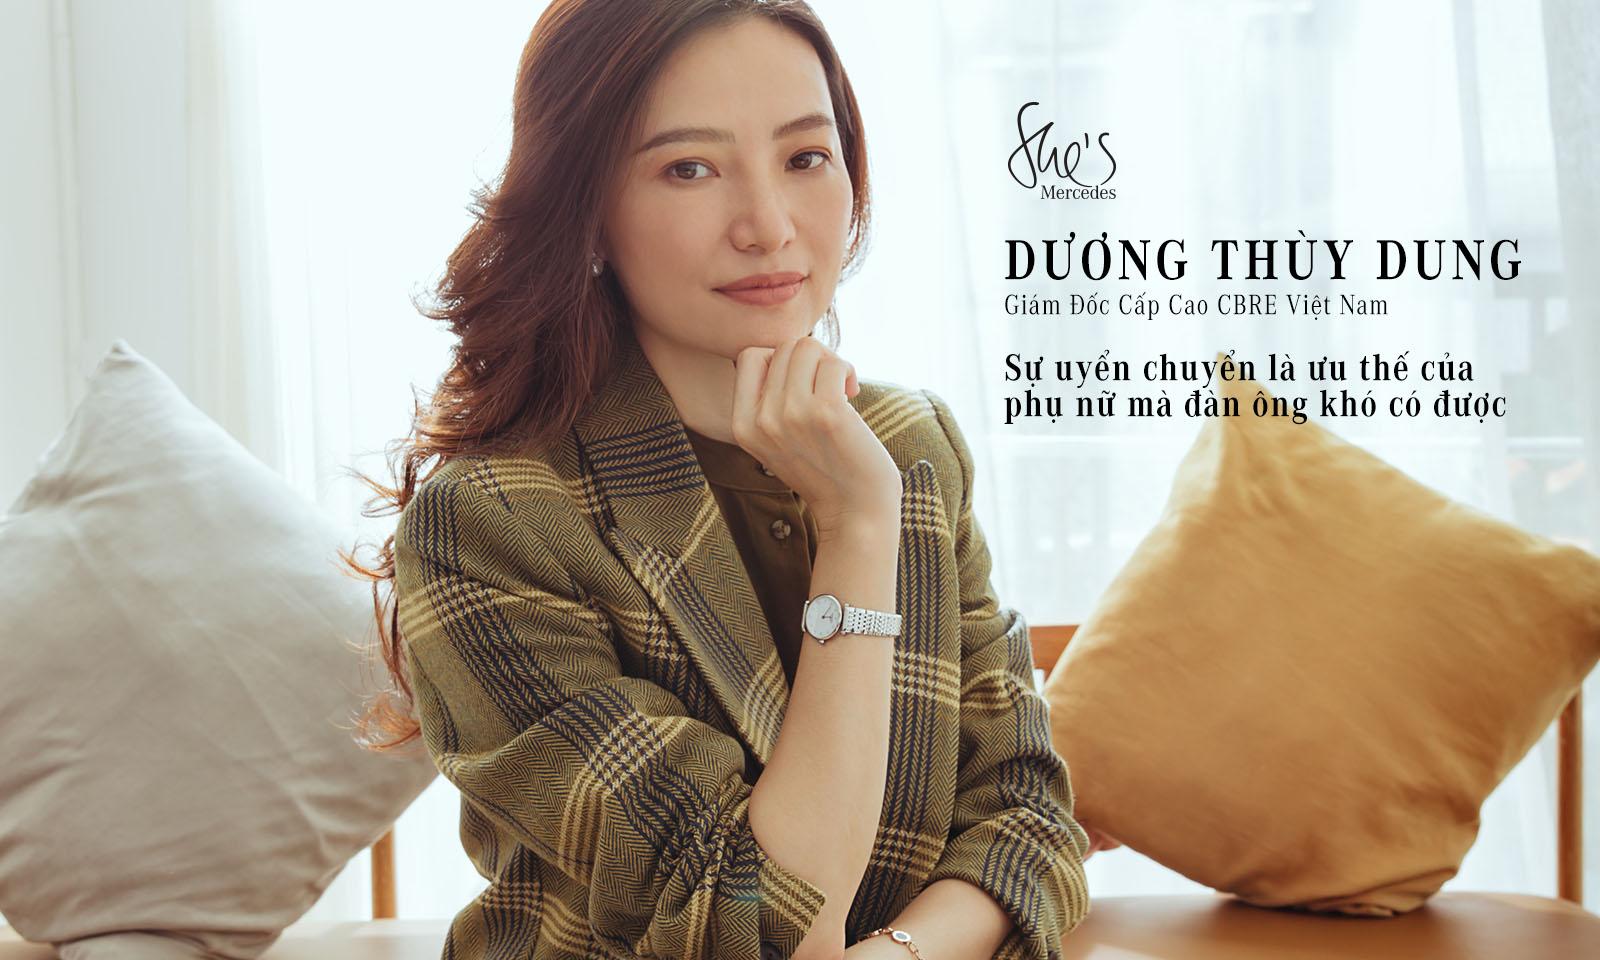 """Dương Thùy Dung: """"Sự uyển chuyển là ưu thế của phụ nữ mà đàn ông khó có được"""""""